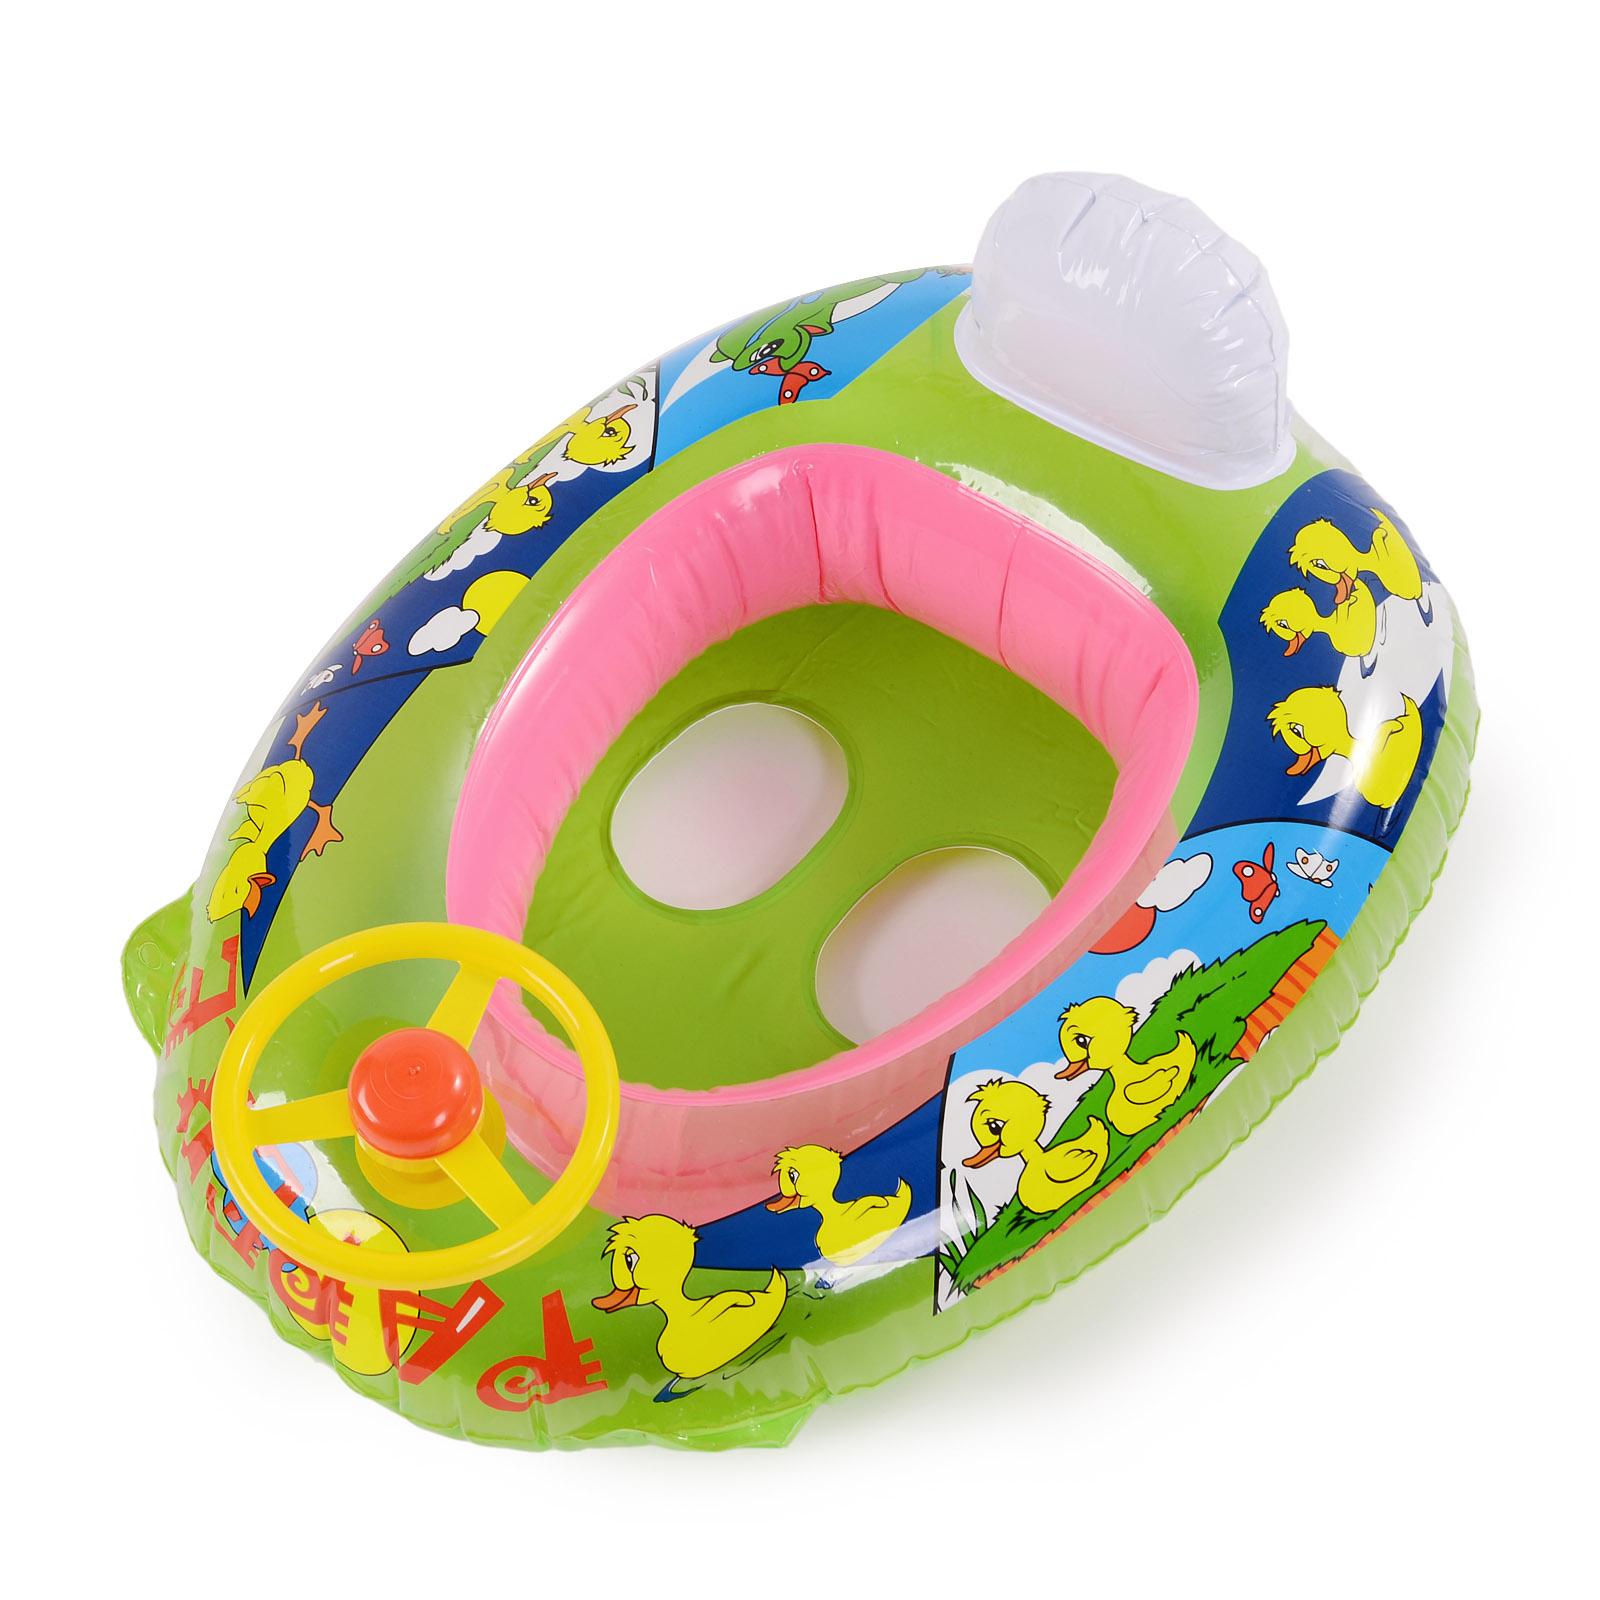 natation piscine gonflable baignoire bou e pour b b. Black Bedroom Furniture Sets. Home Design Ideas